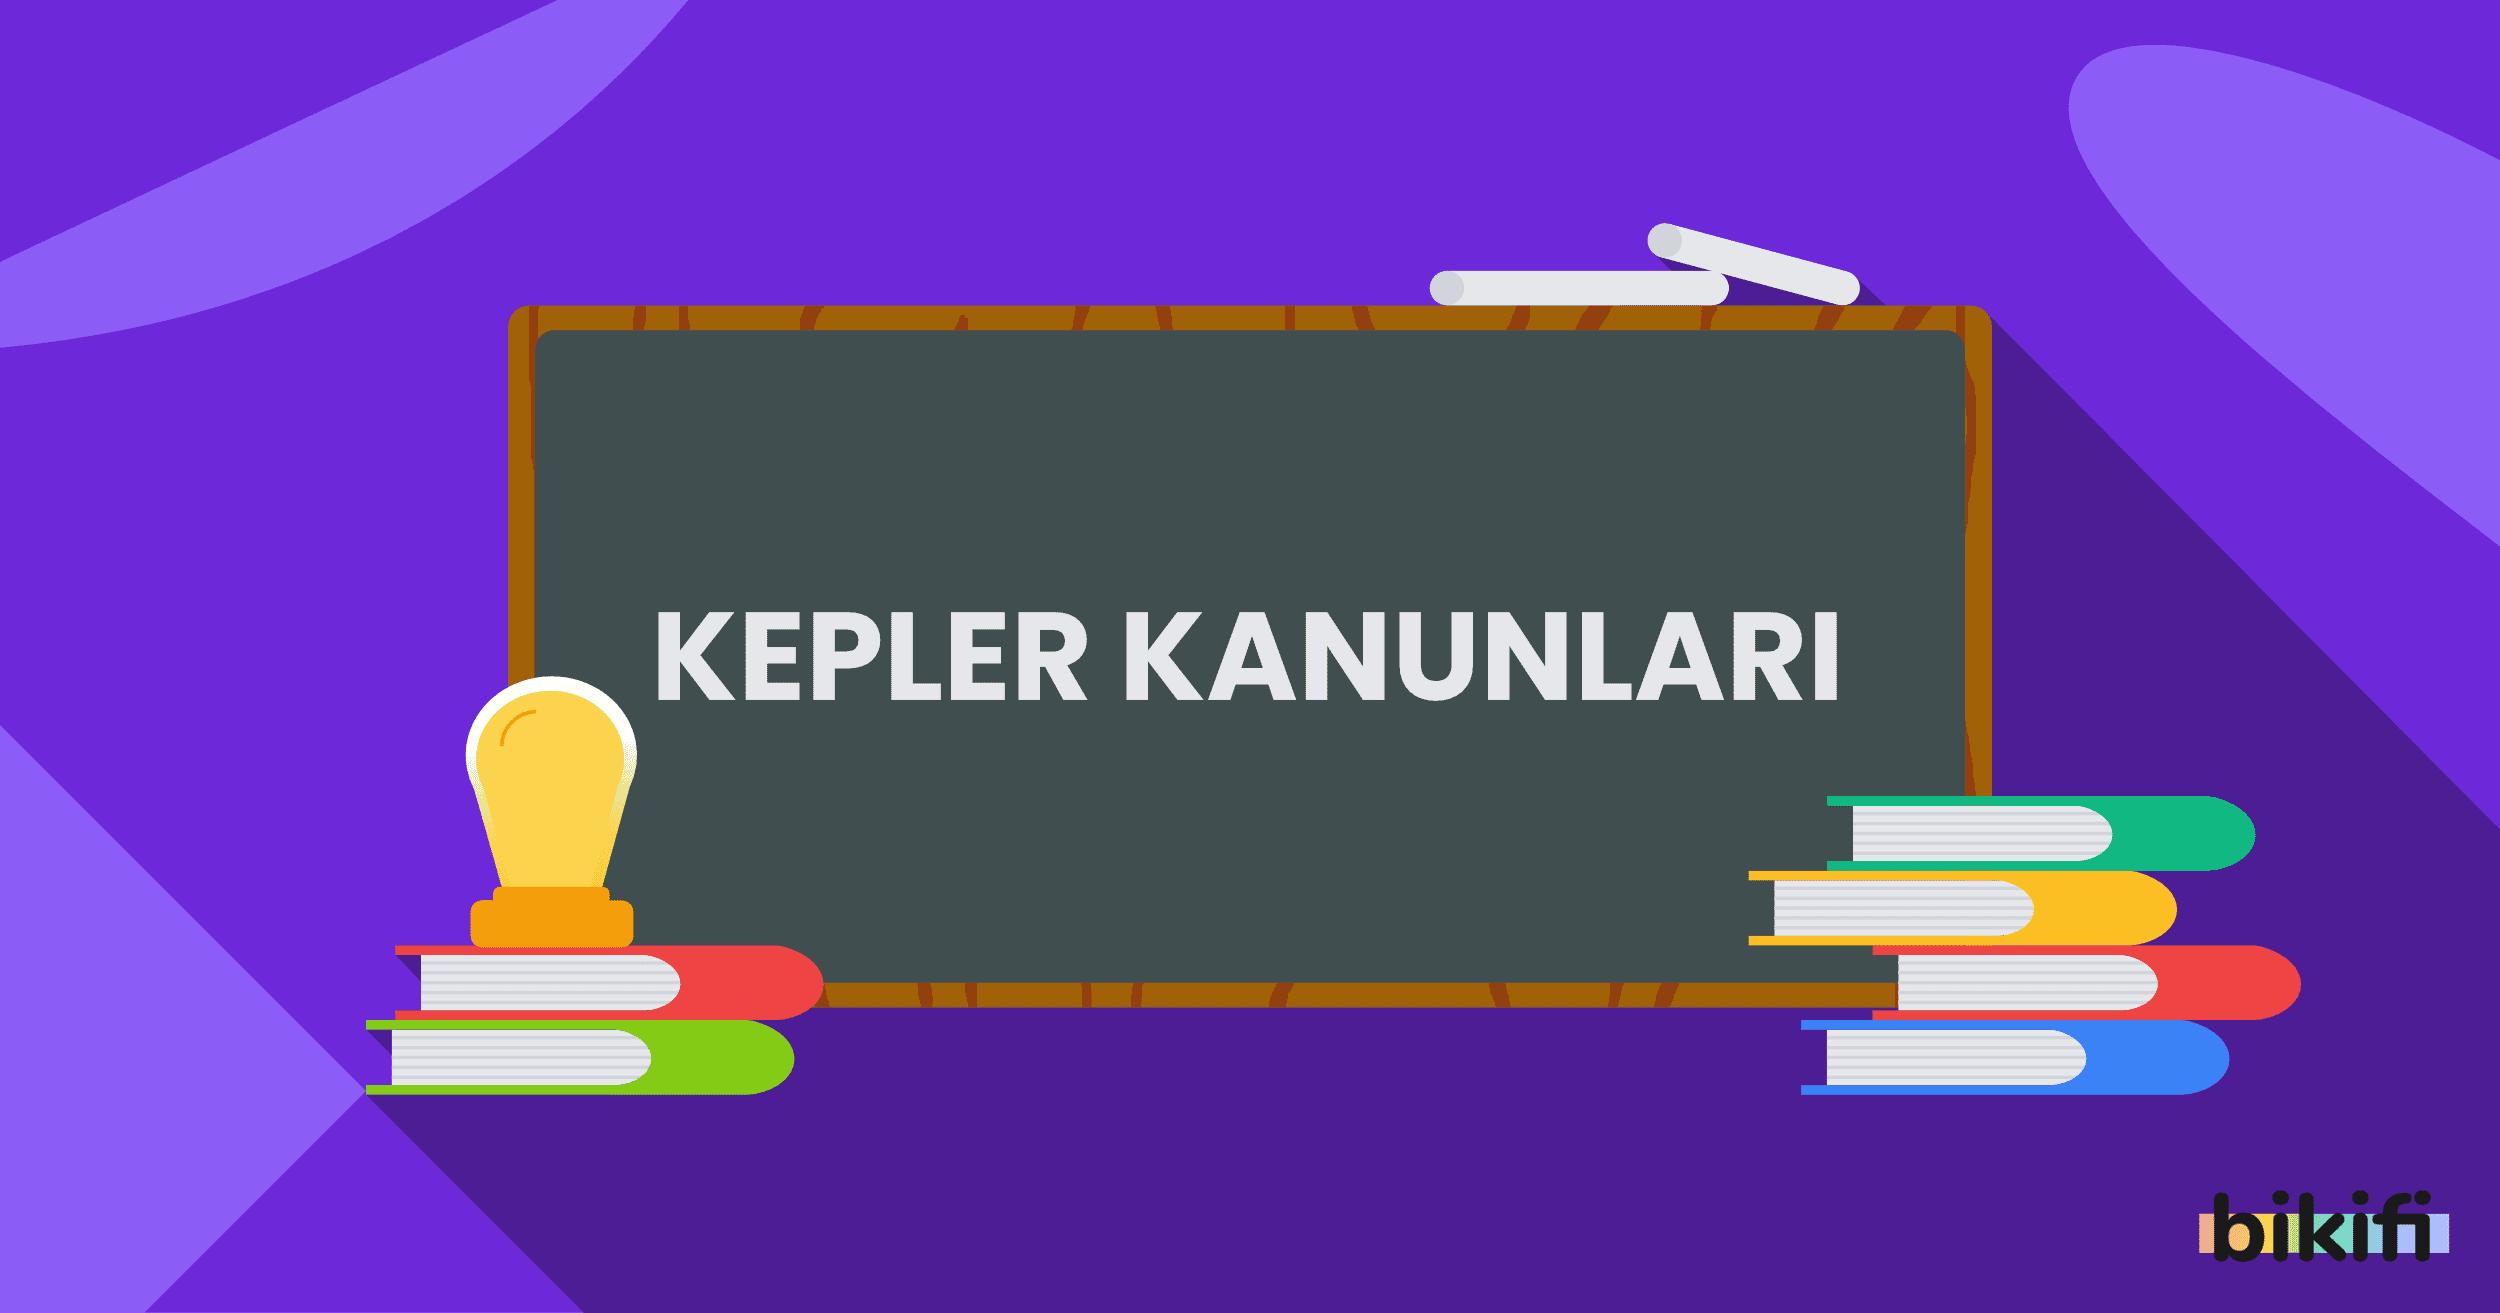 Kepler Kanunları